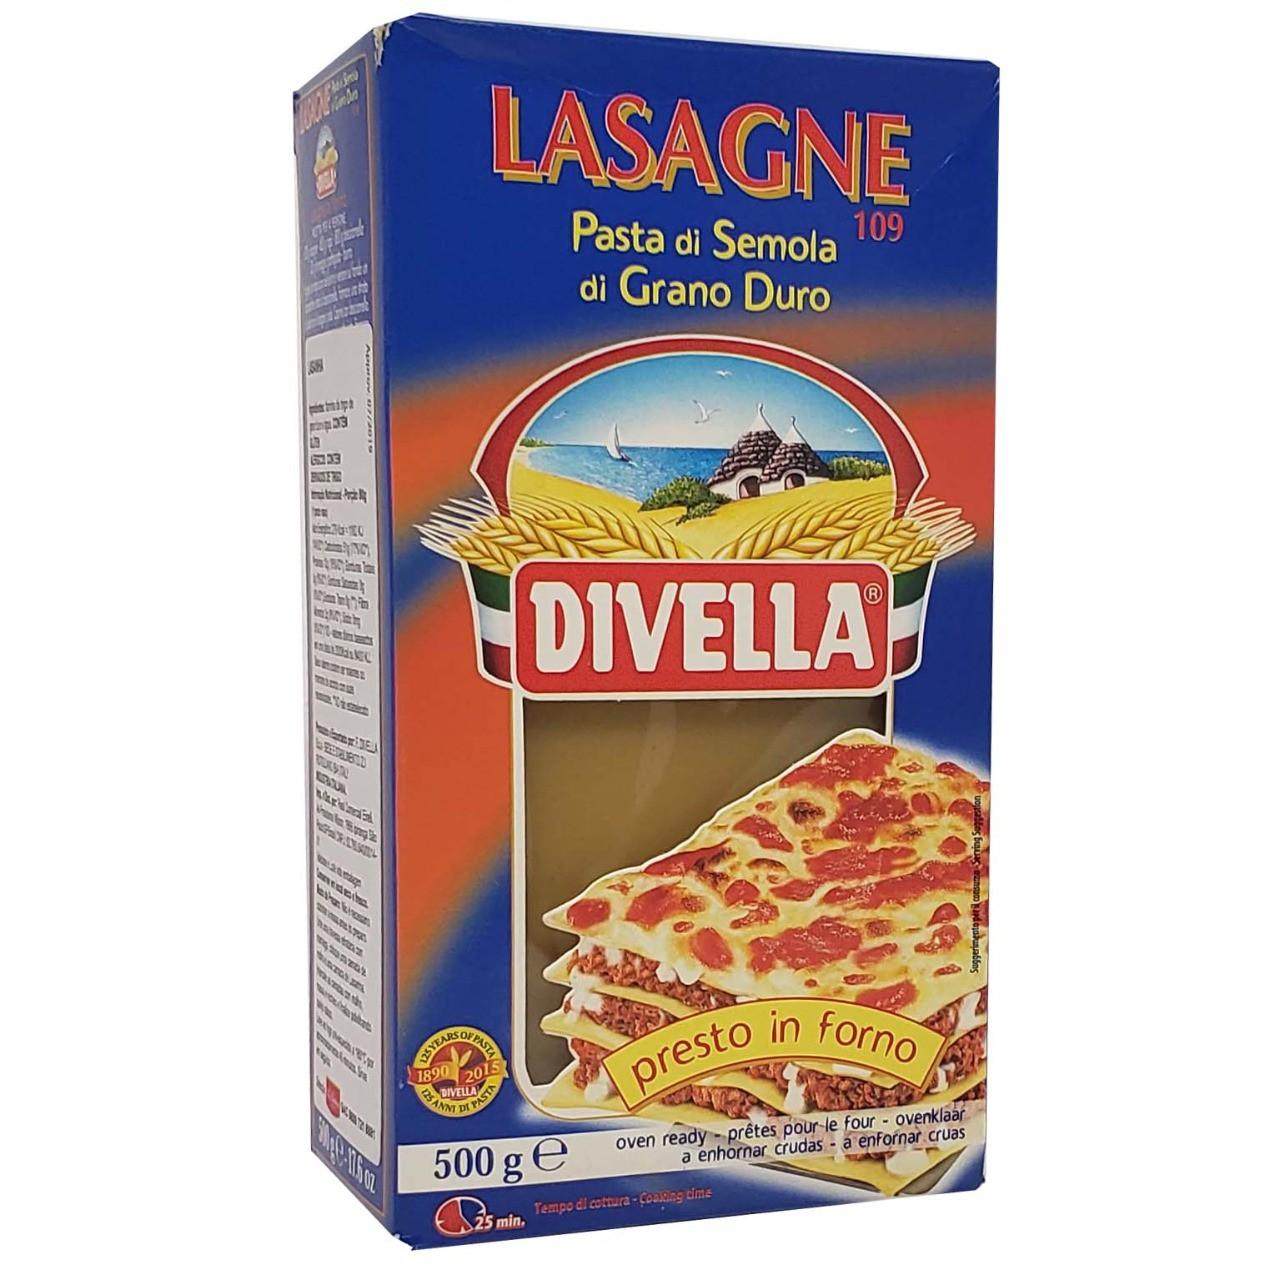 Lasagne Pasta di Semola di Grano Duro Divella - 500g -